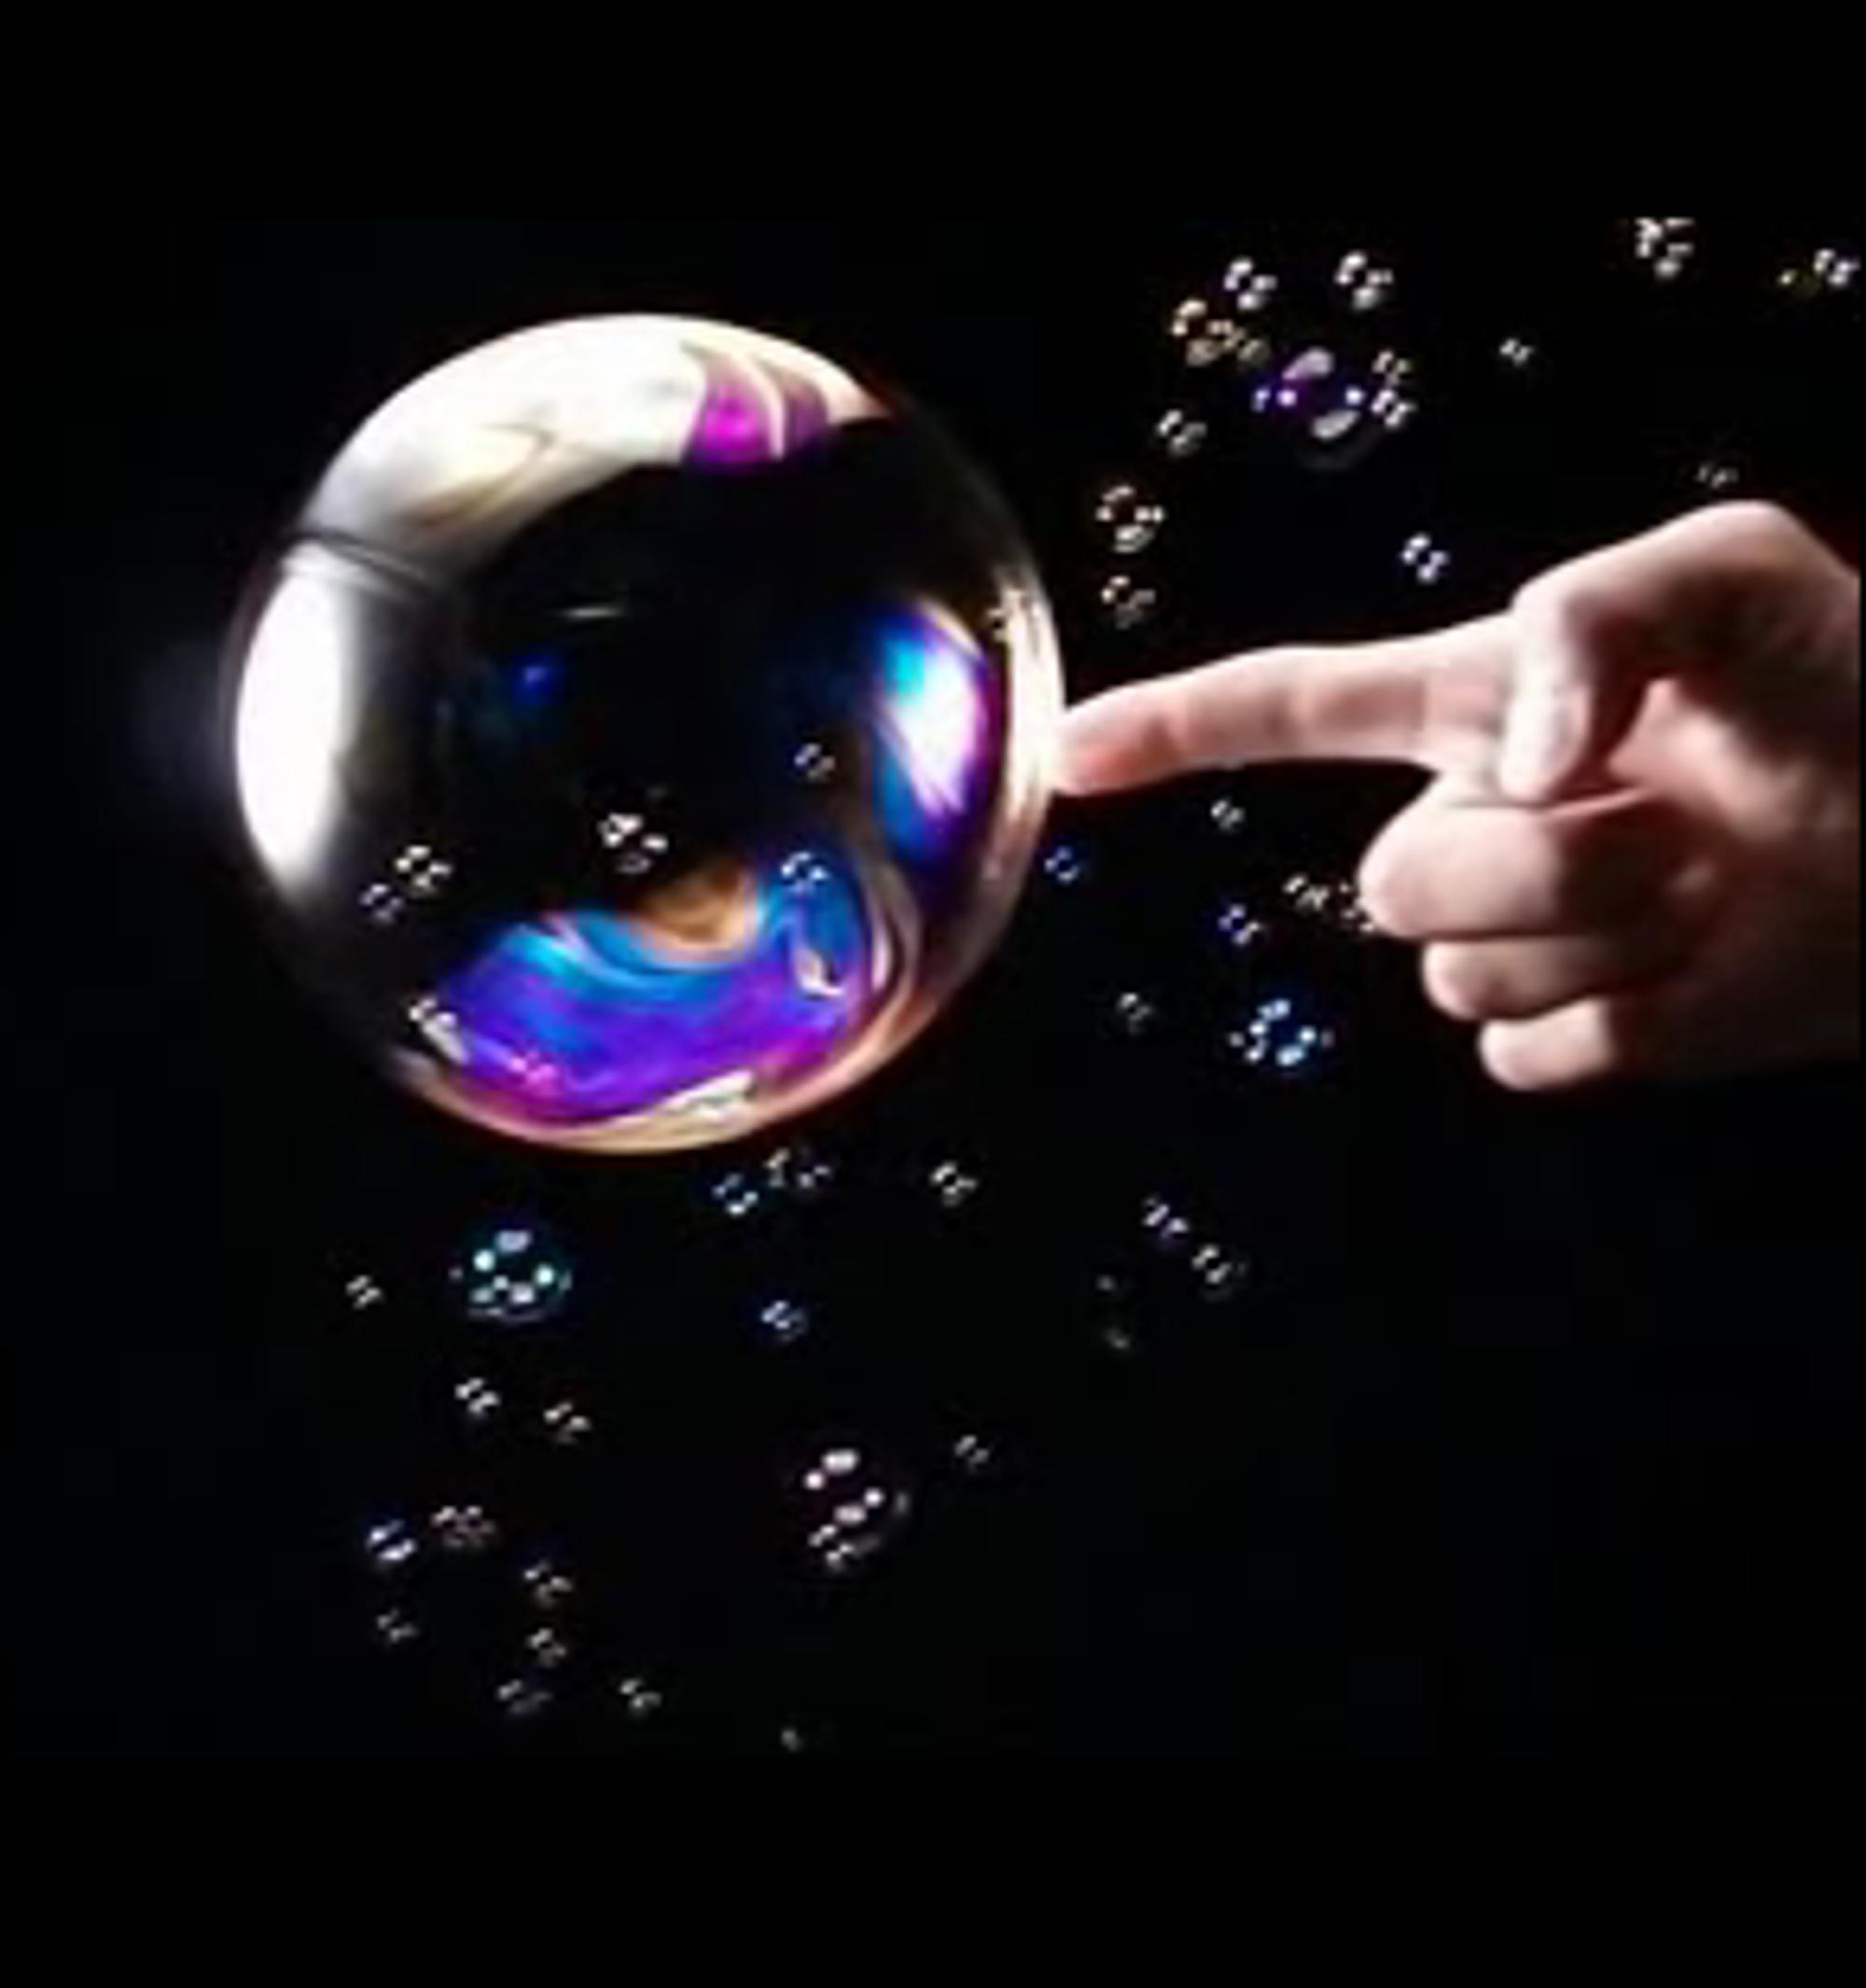 Hvordan ser en såpeboble ut i det øyeblikk den sprekker? Test selv!